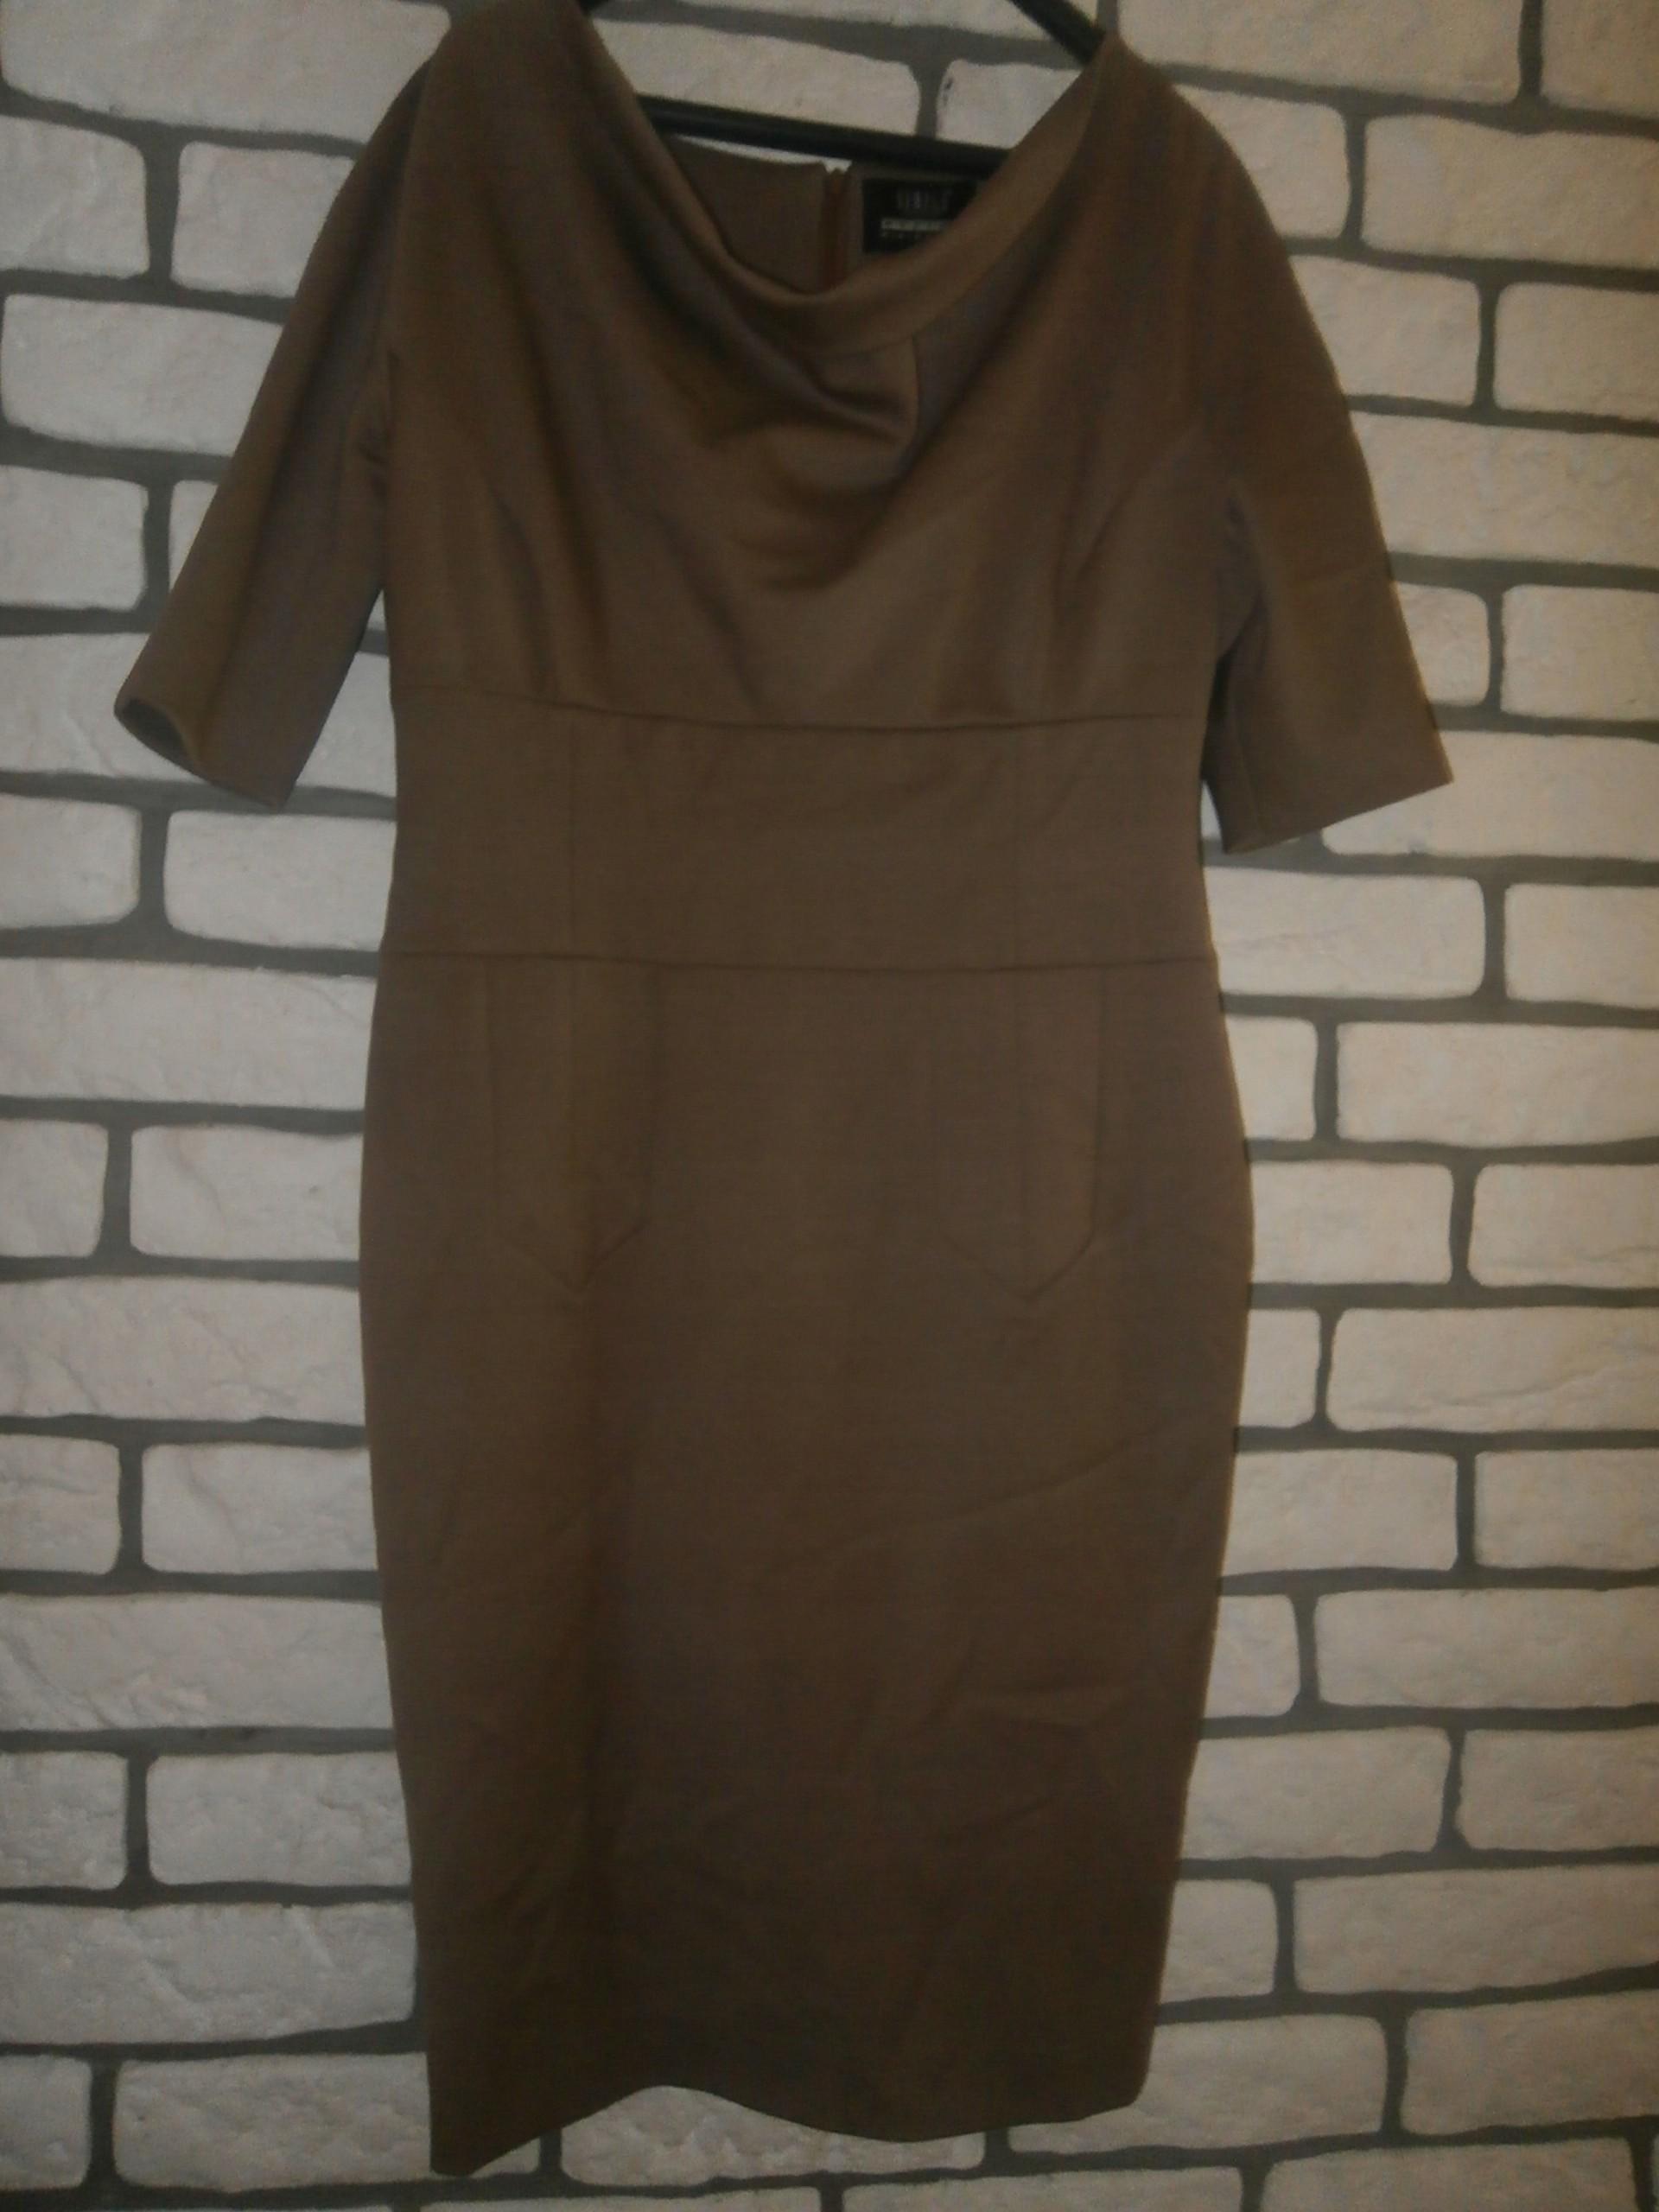 6f12ff850f SIMPLE ołówkowa wełniana sukienka 38 - 7408830378 - oficjalne archiwum  allegro